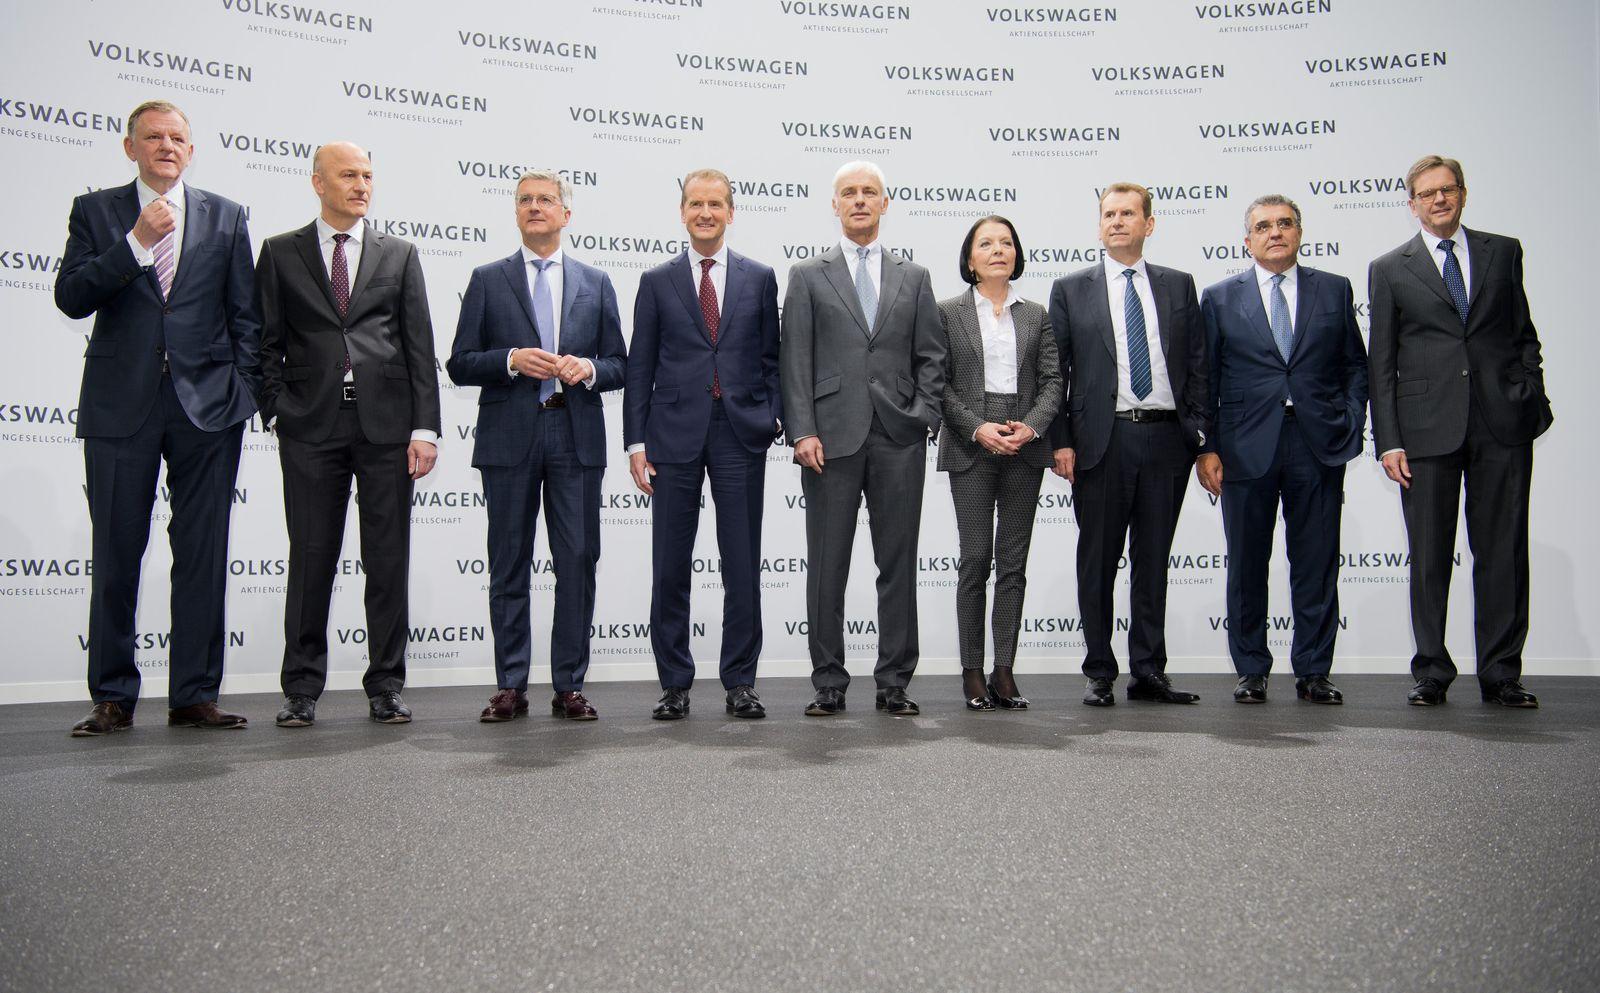 NUR FÜR SPAM Volkswagen - Bilanzpressekonferenz